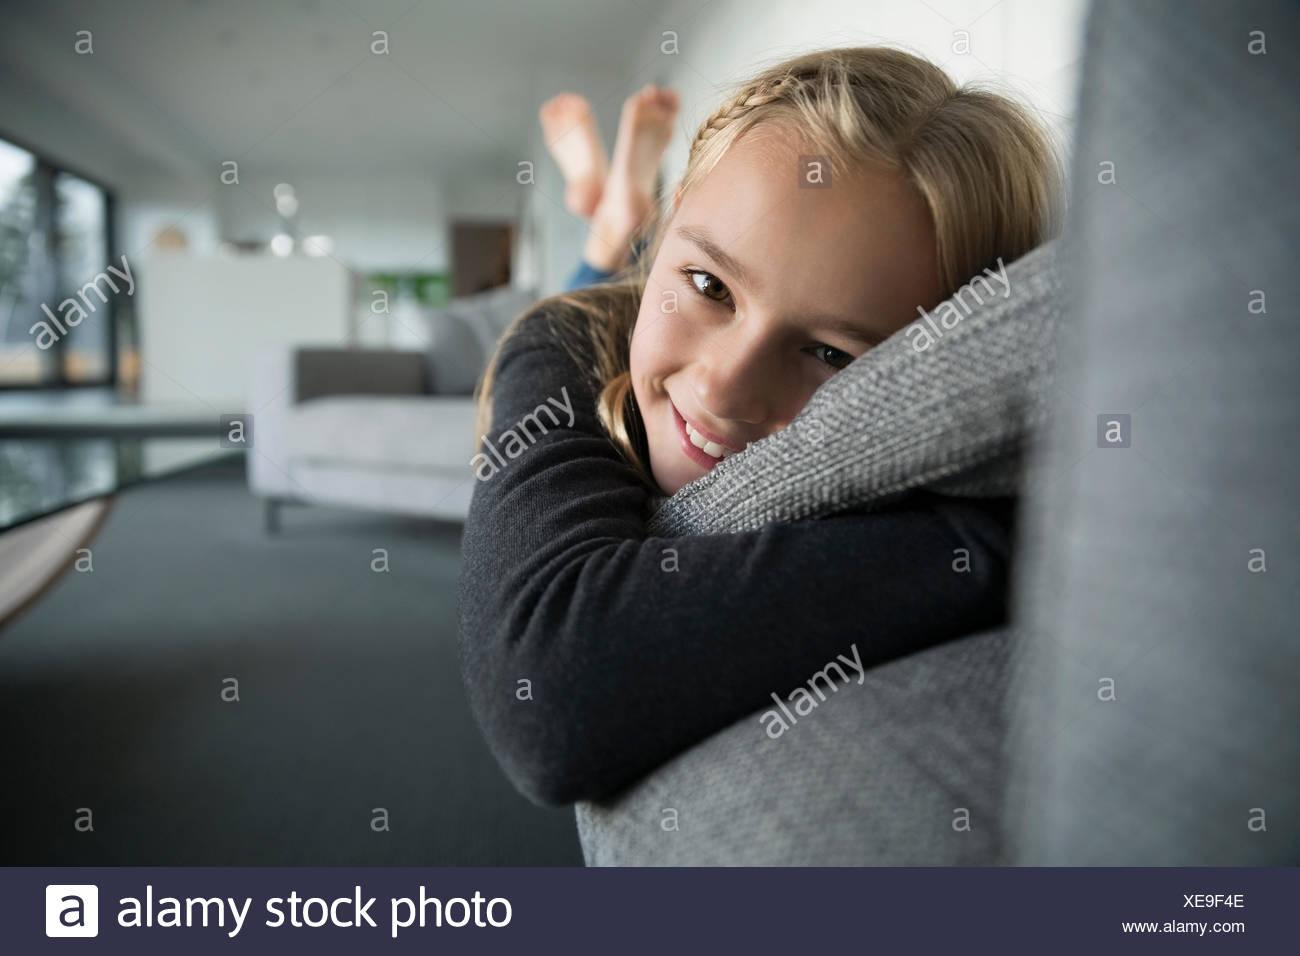 Retrato chica sonriente sentando en el sofá Imagen De Stock